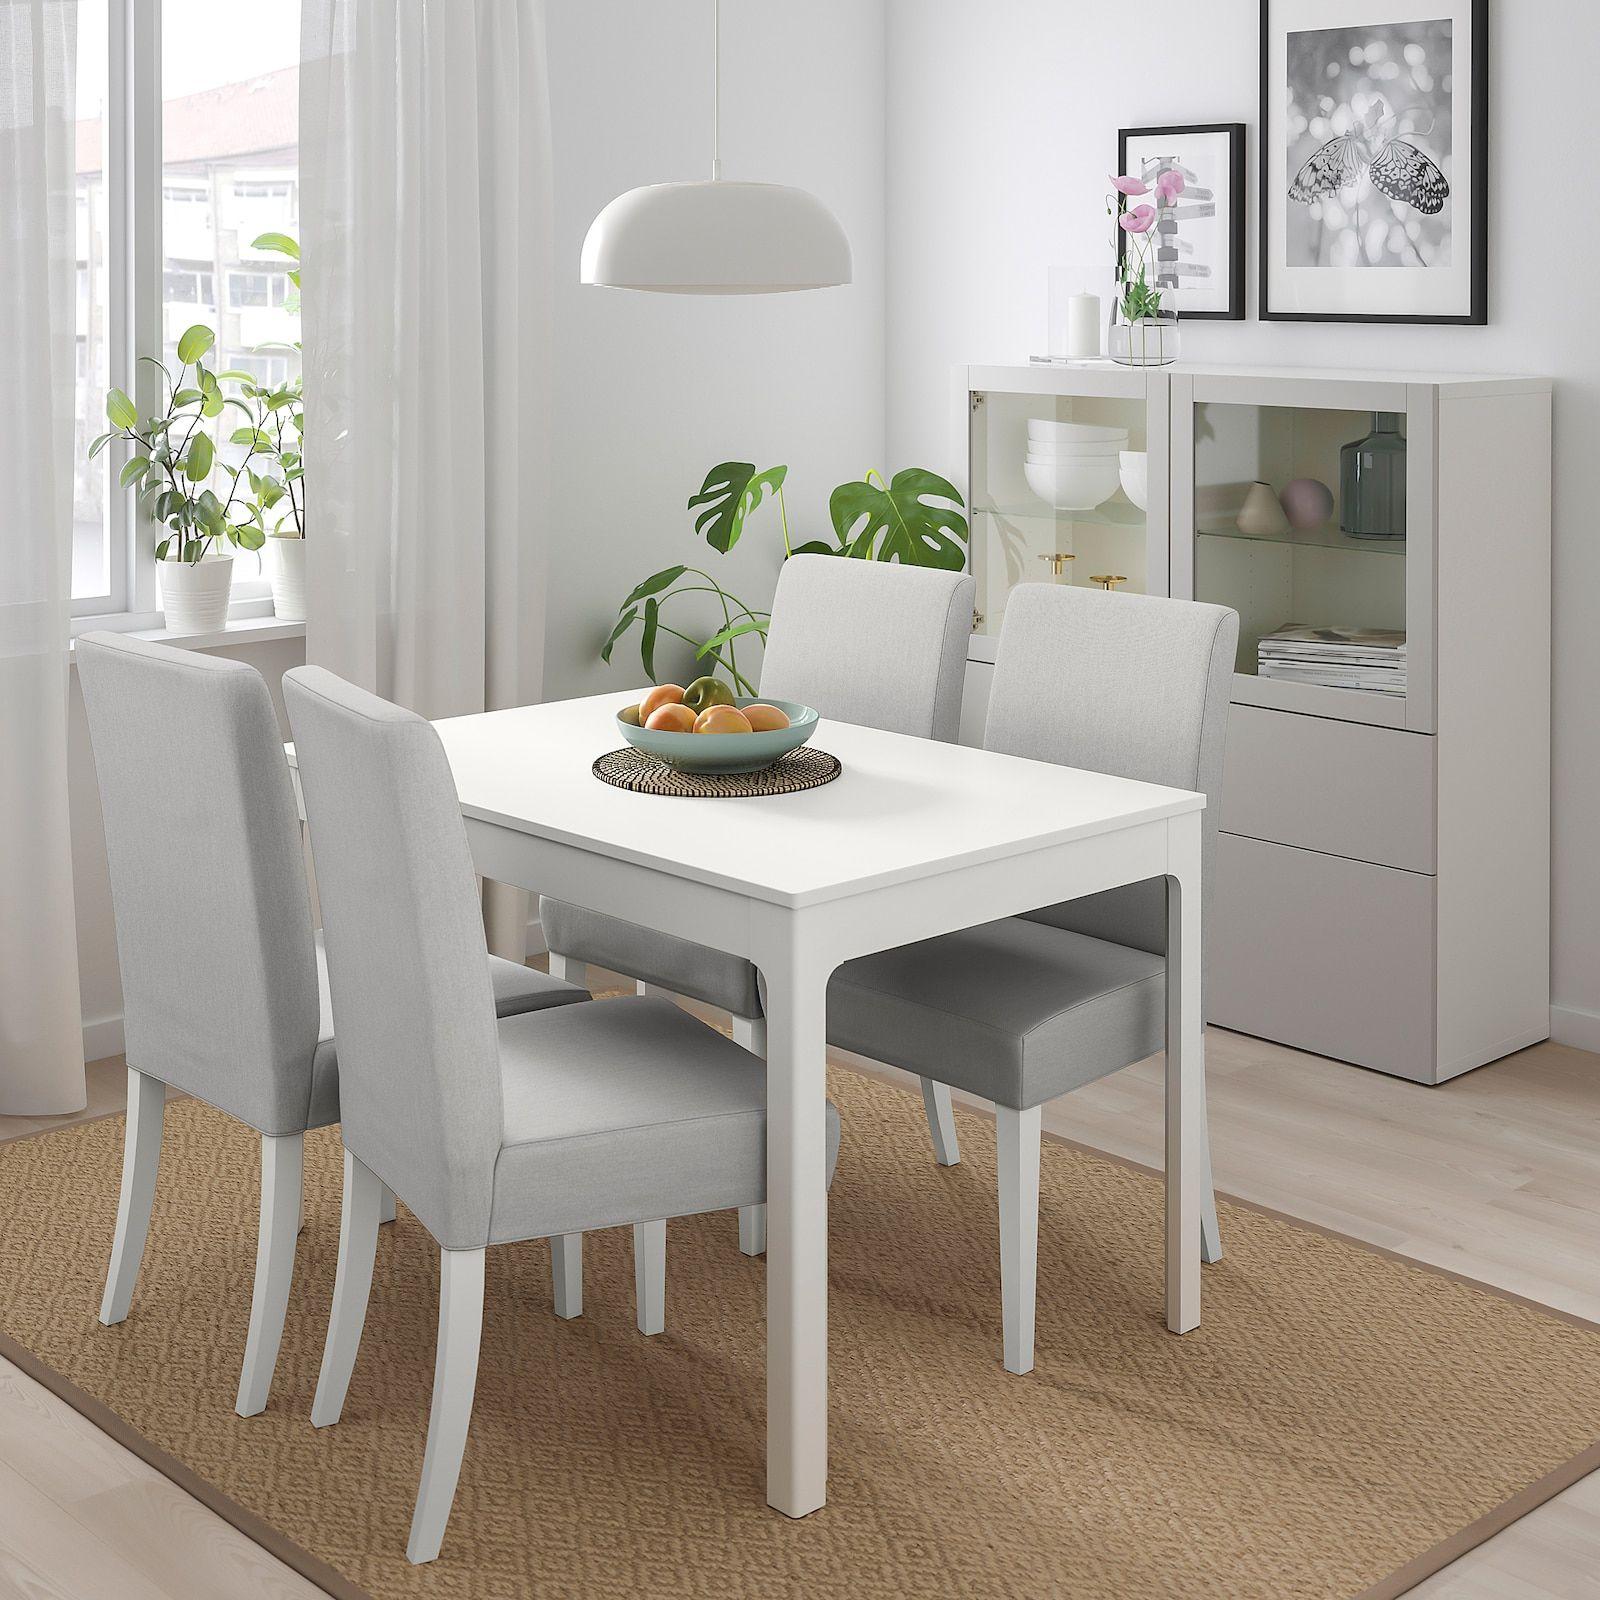 White Or Grey Kitchen Table